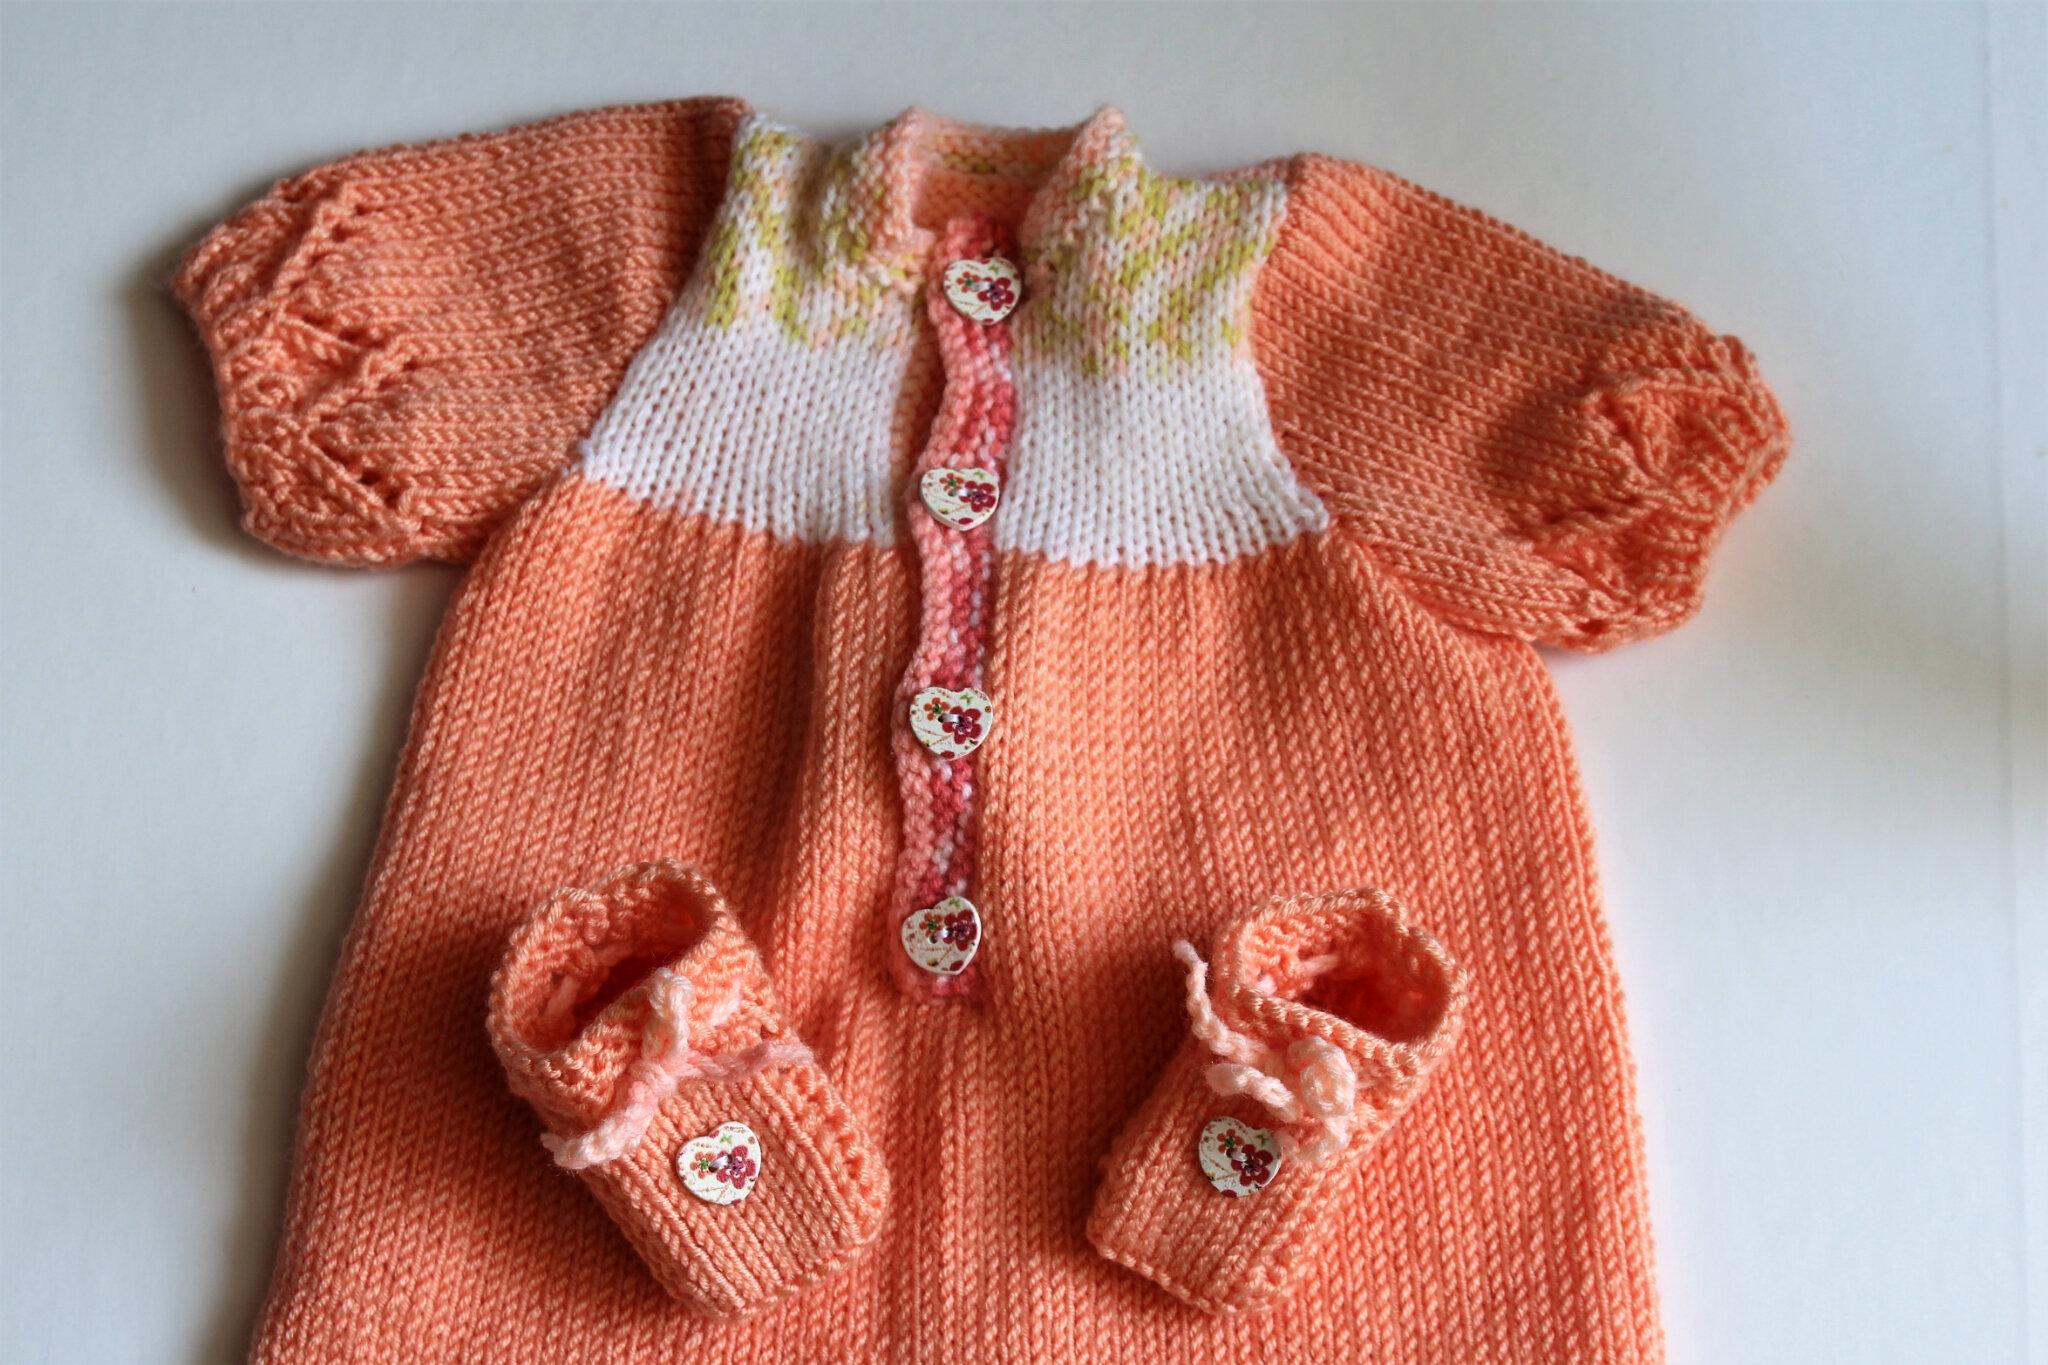 combinaison (overall) pour poupée ou bébé